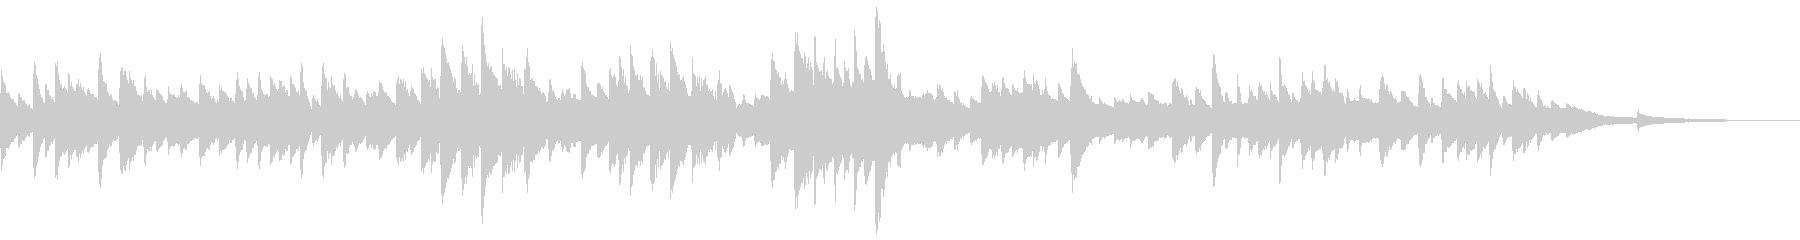 シューマンピアノ有名曲 おねだりする子供の未再生の波形